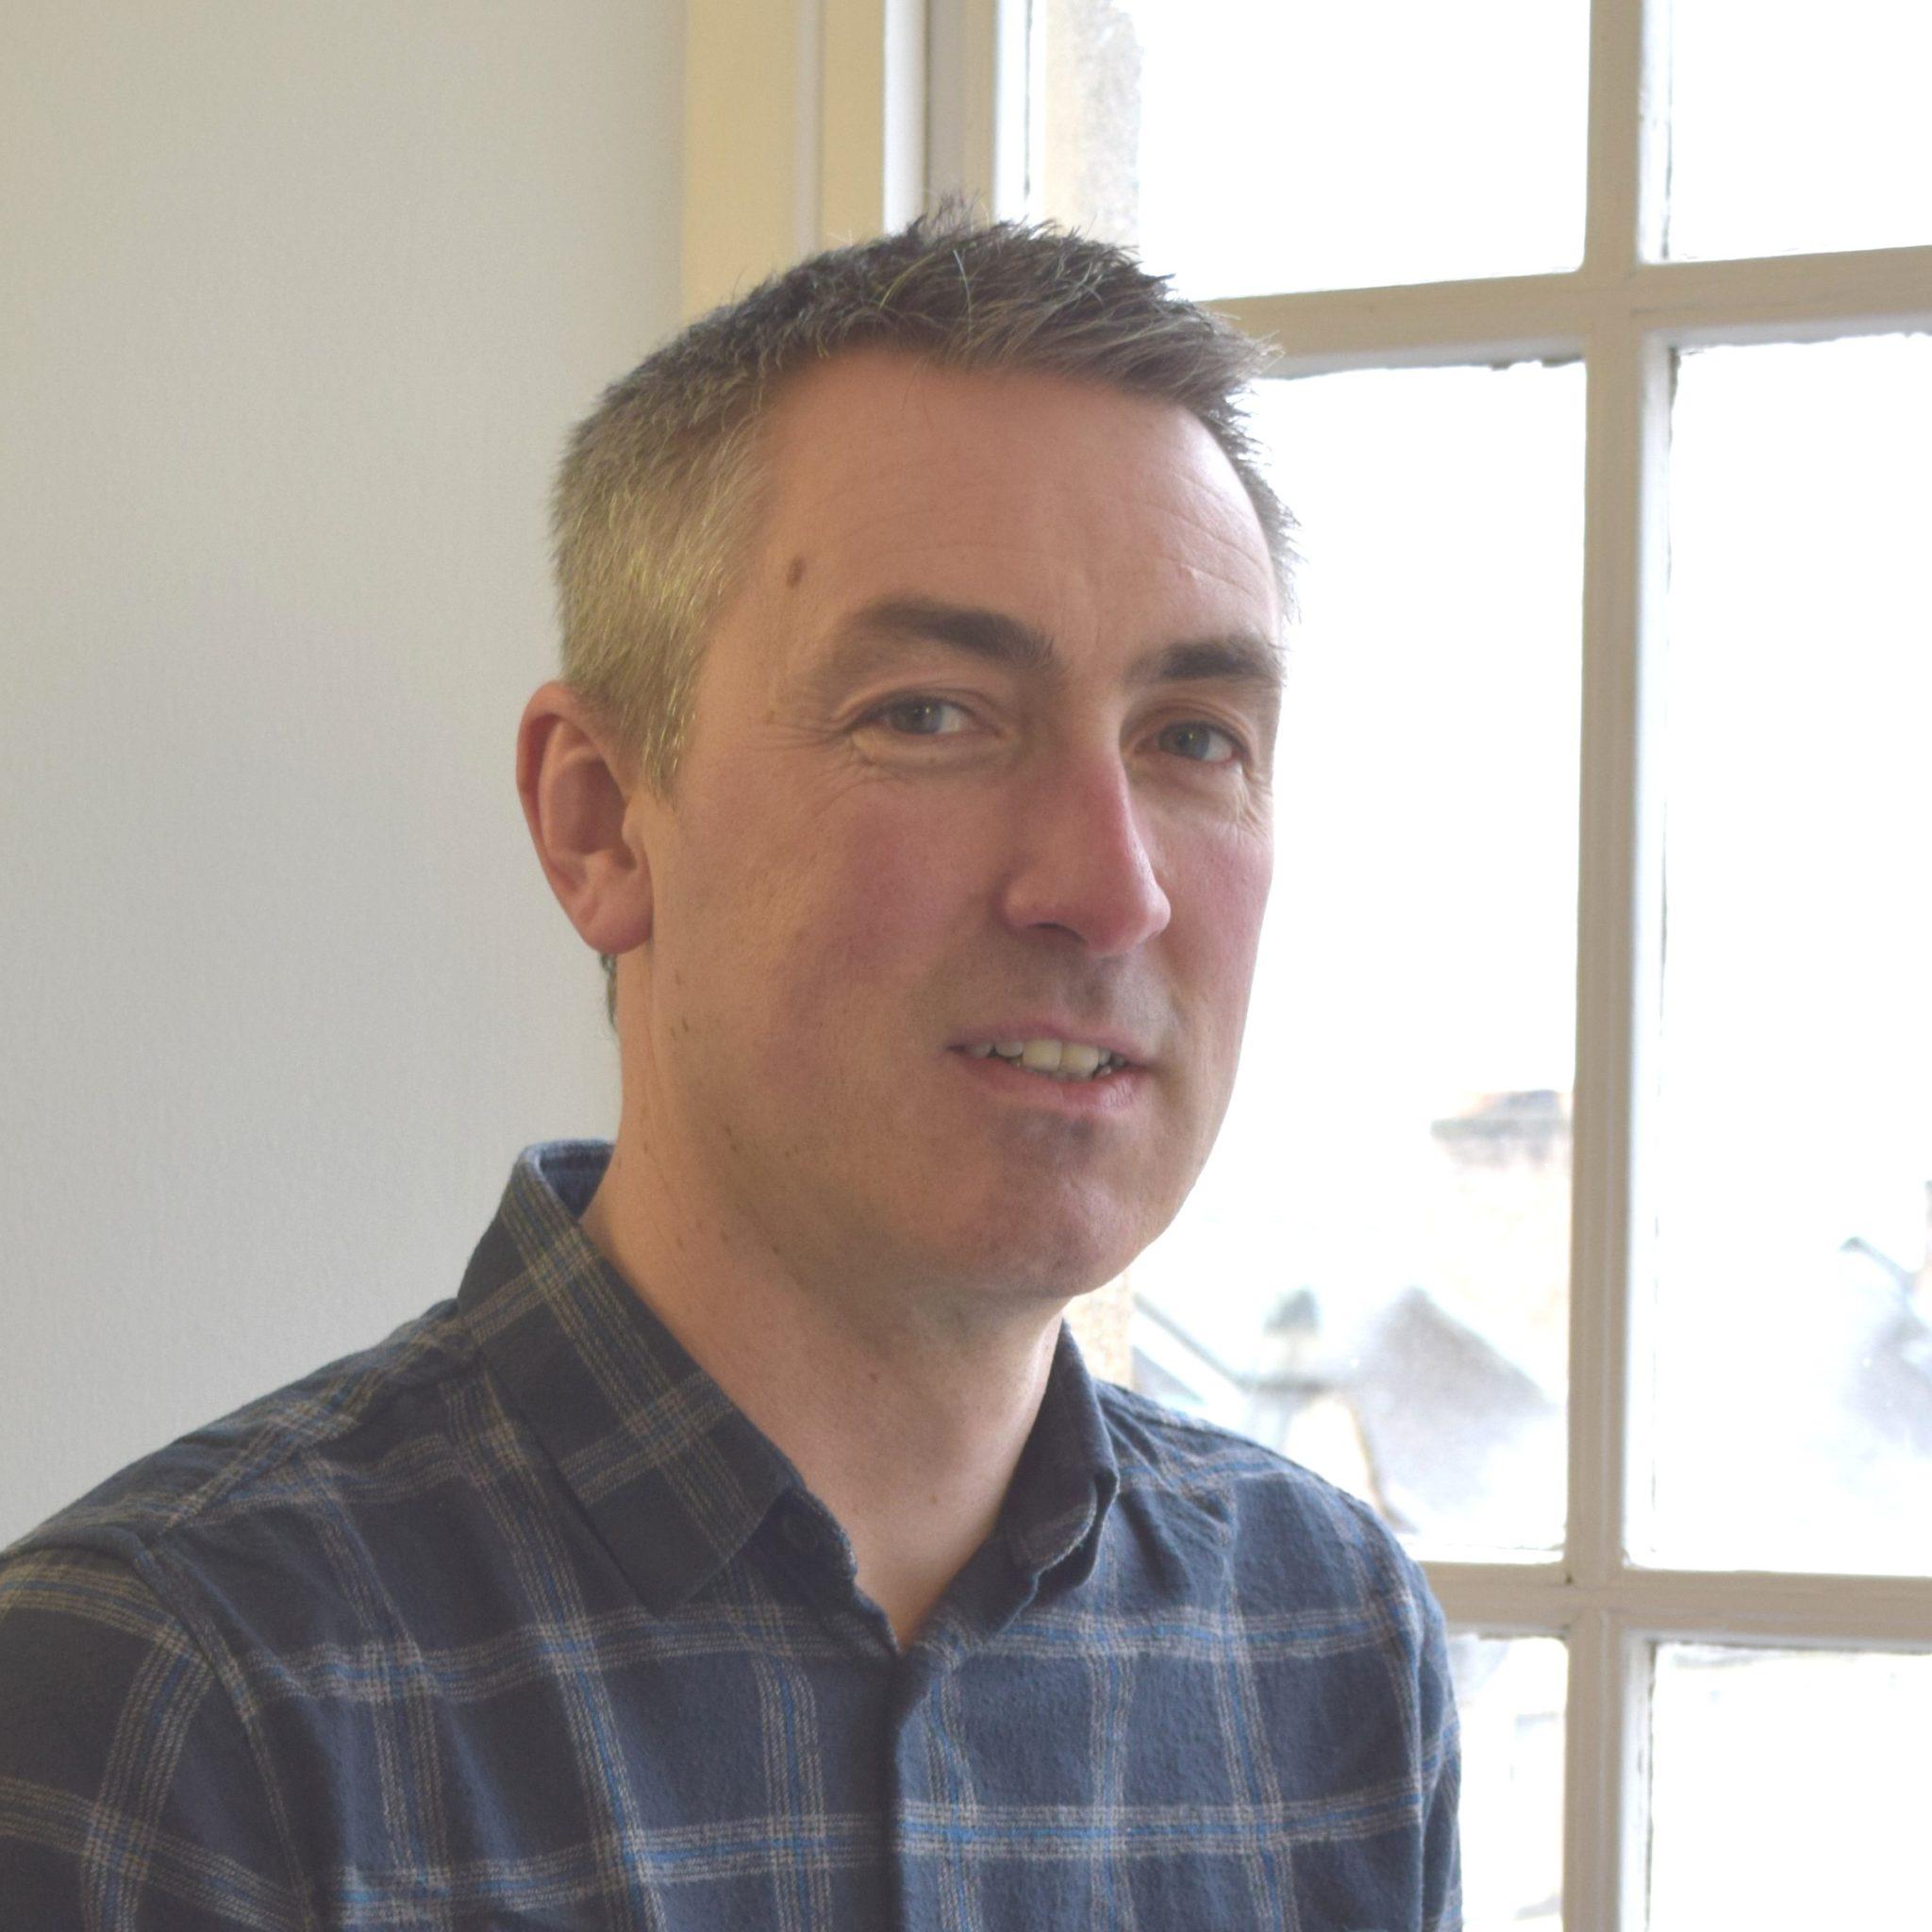 Ben Williamson